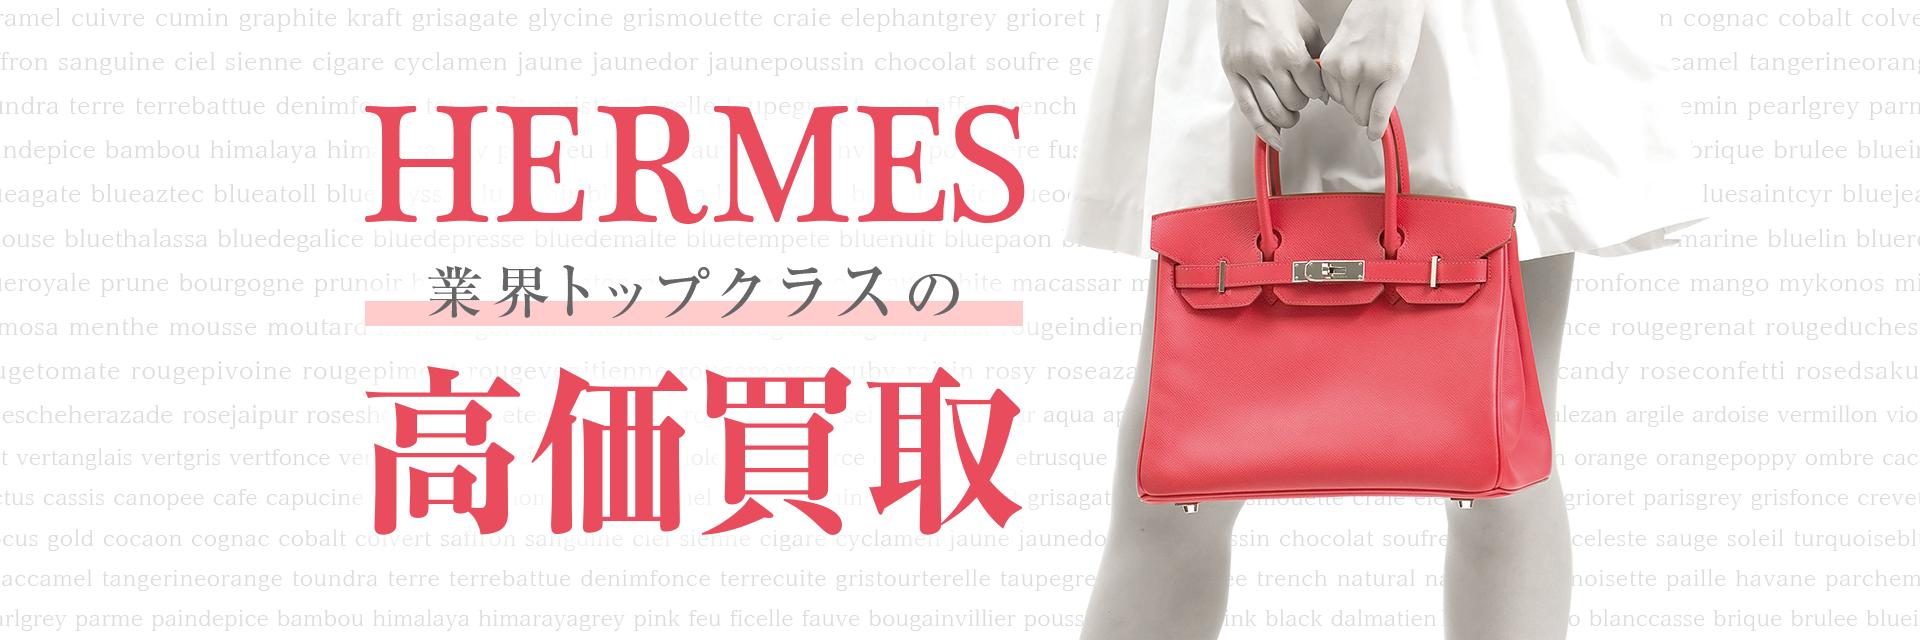 エルメス(HERMES) 業界トップクラスの高価買取 ギャラリーレア なんば店